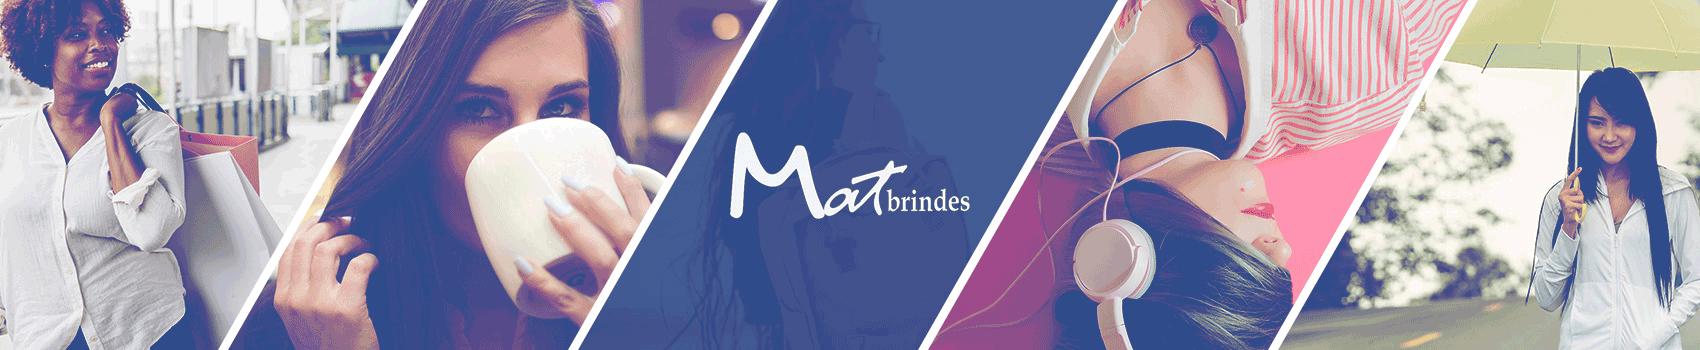 MatBrindes